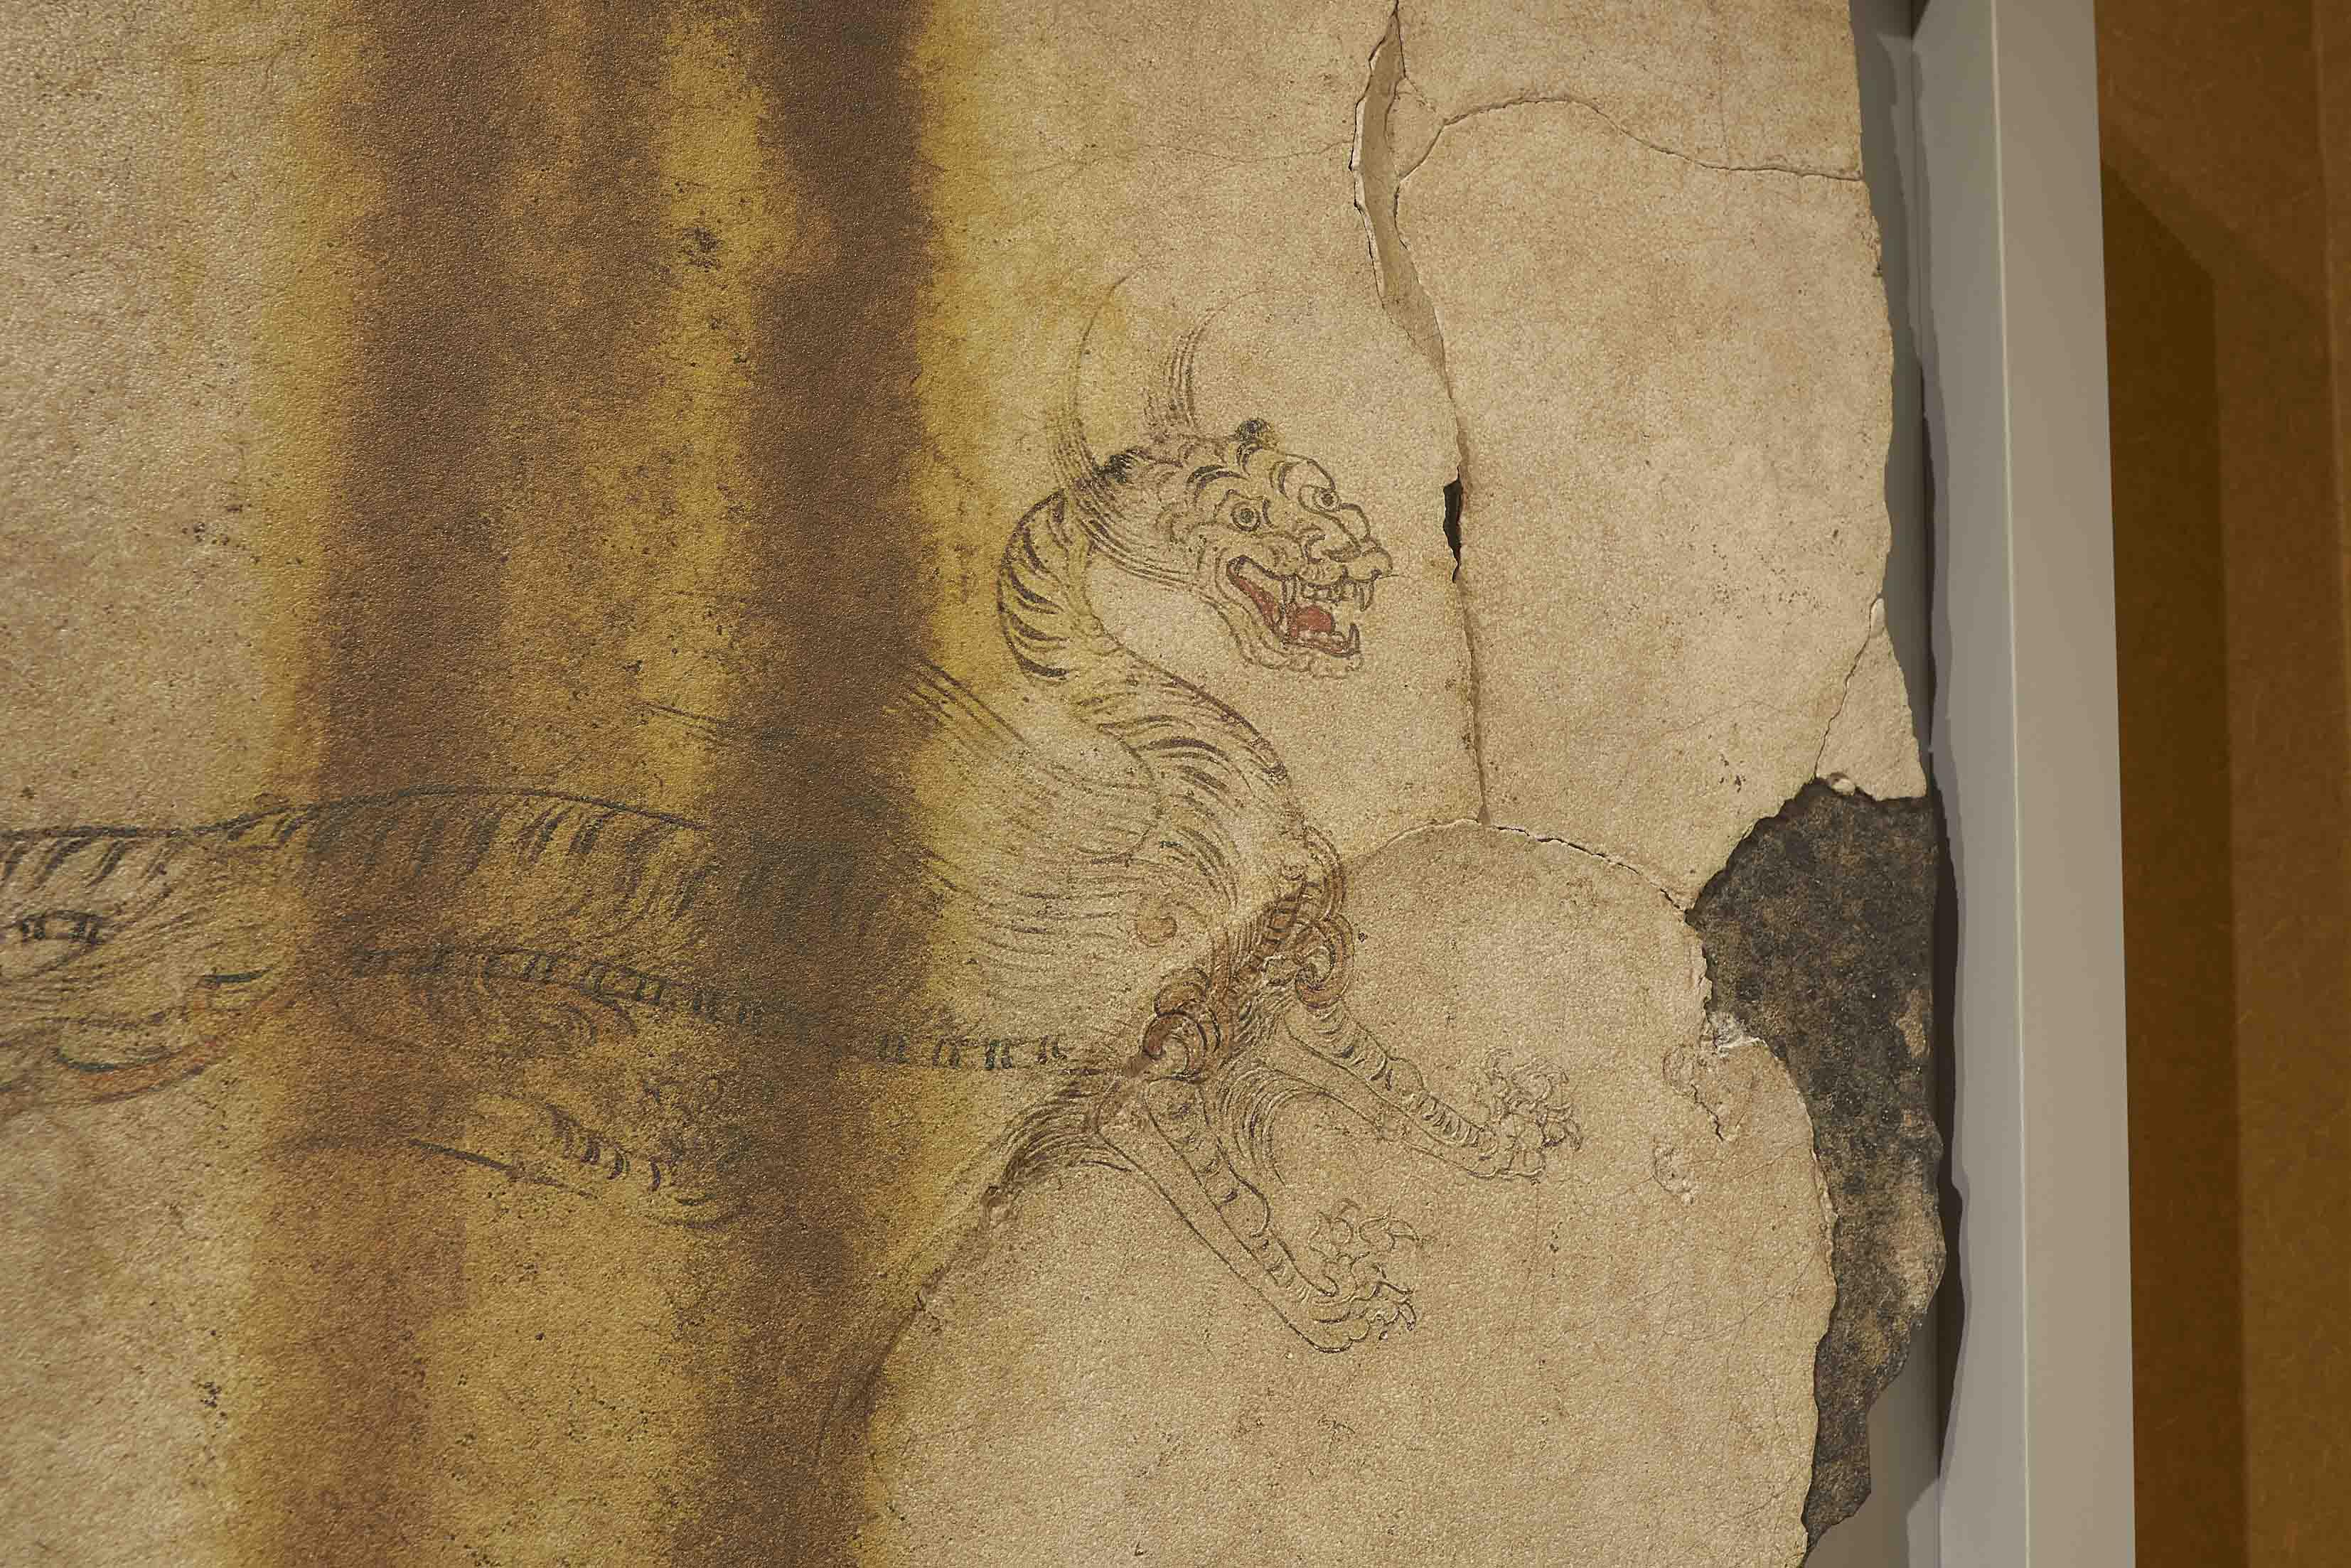 キトラ古墳の復元